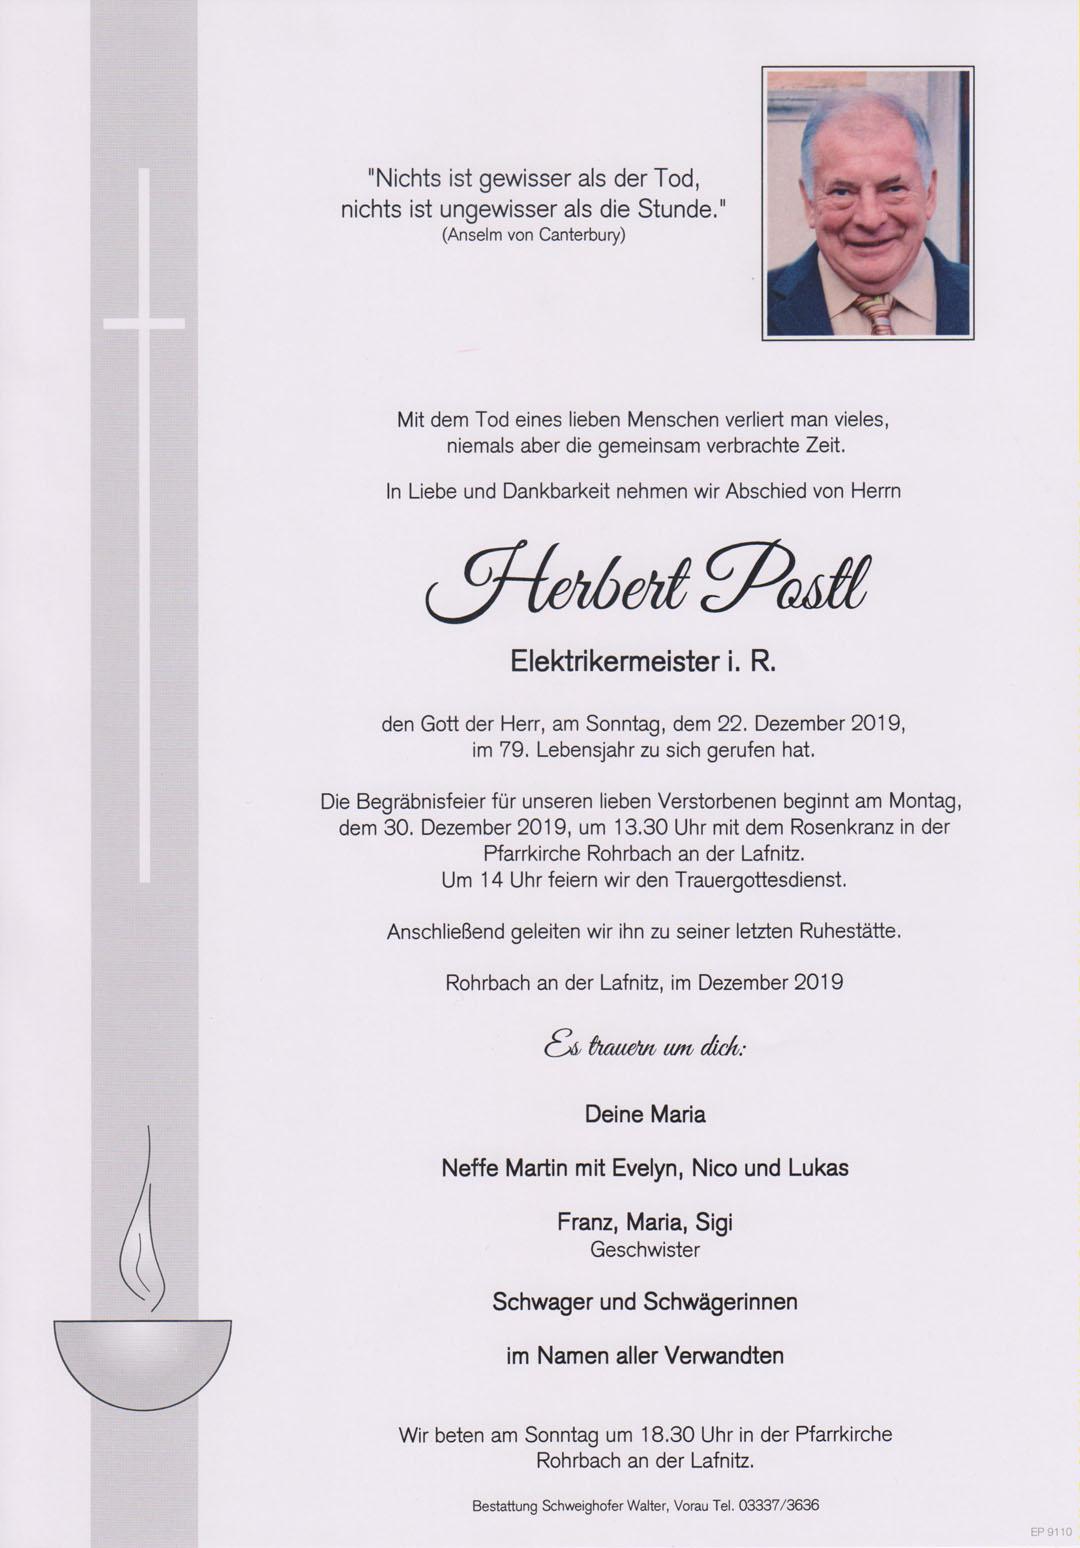 Herbert Postl